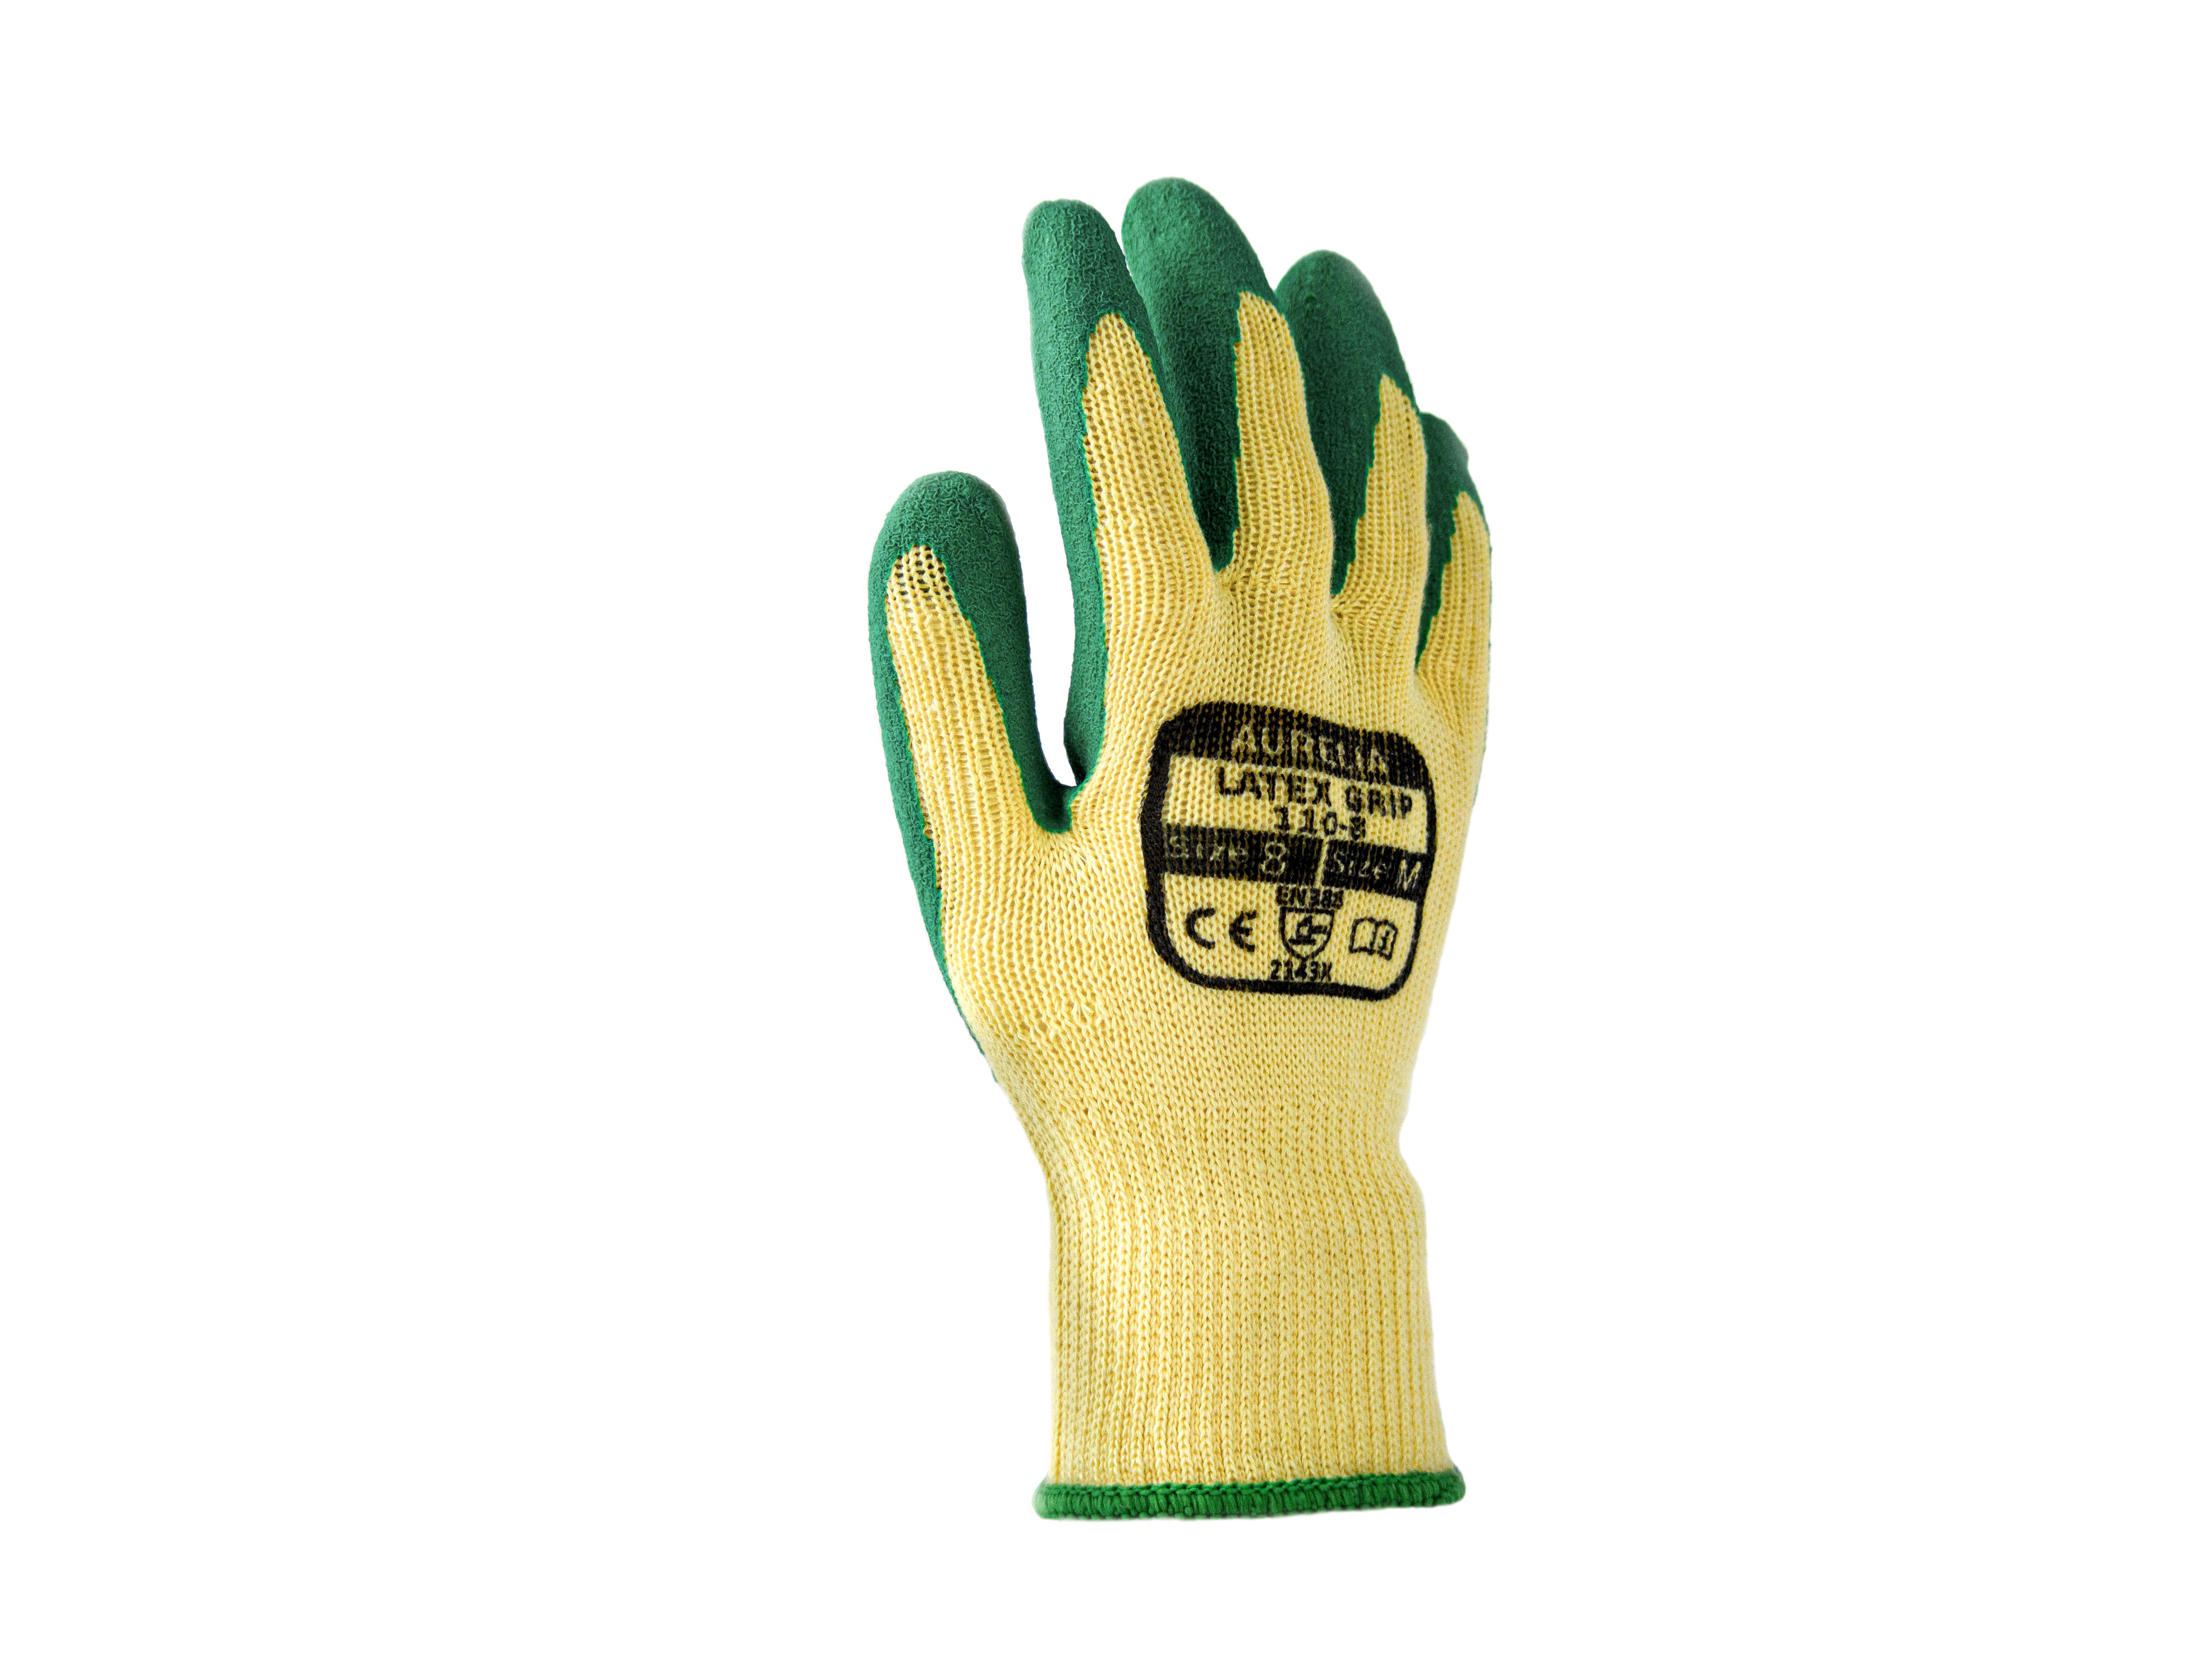 Aurelia Latex Grip Green 600